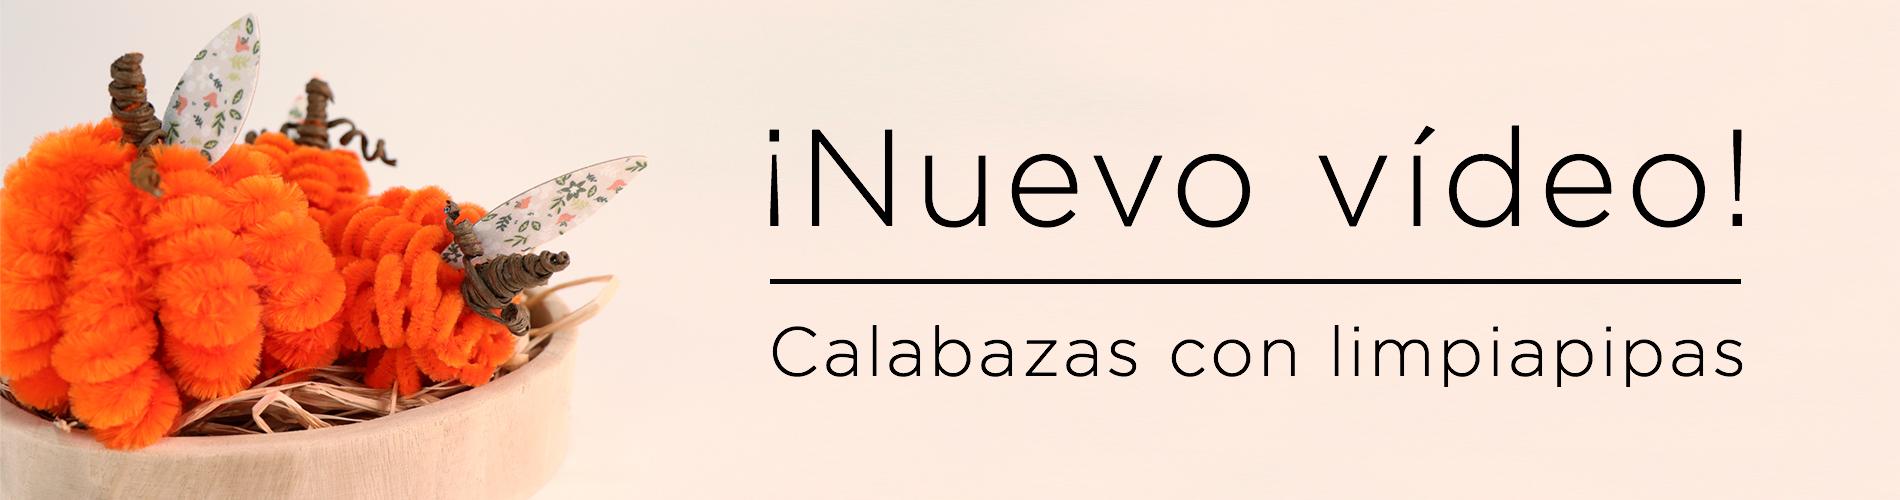 Vídeo tutorial - Calabazas limpiapipas